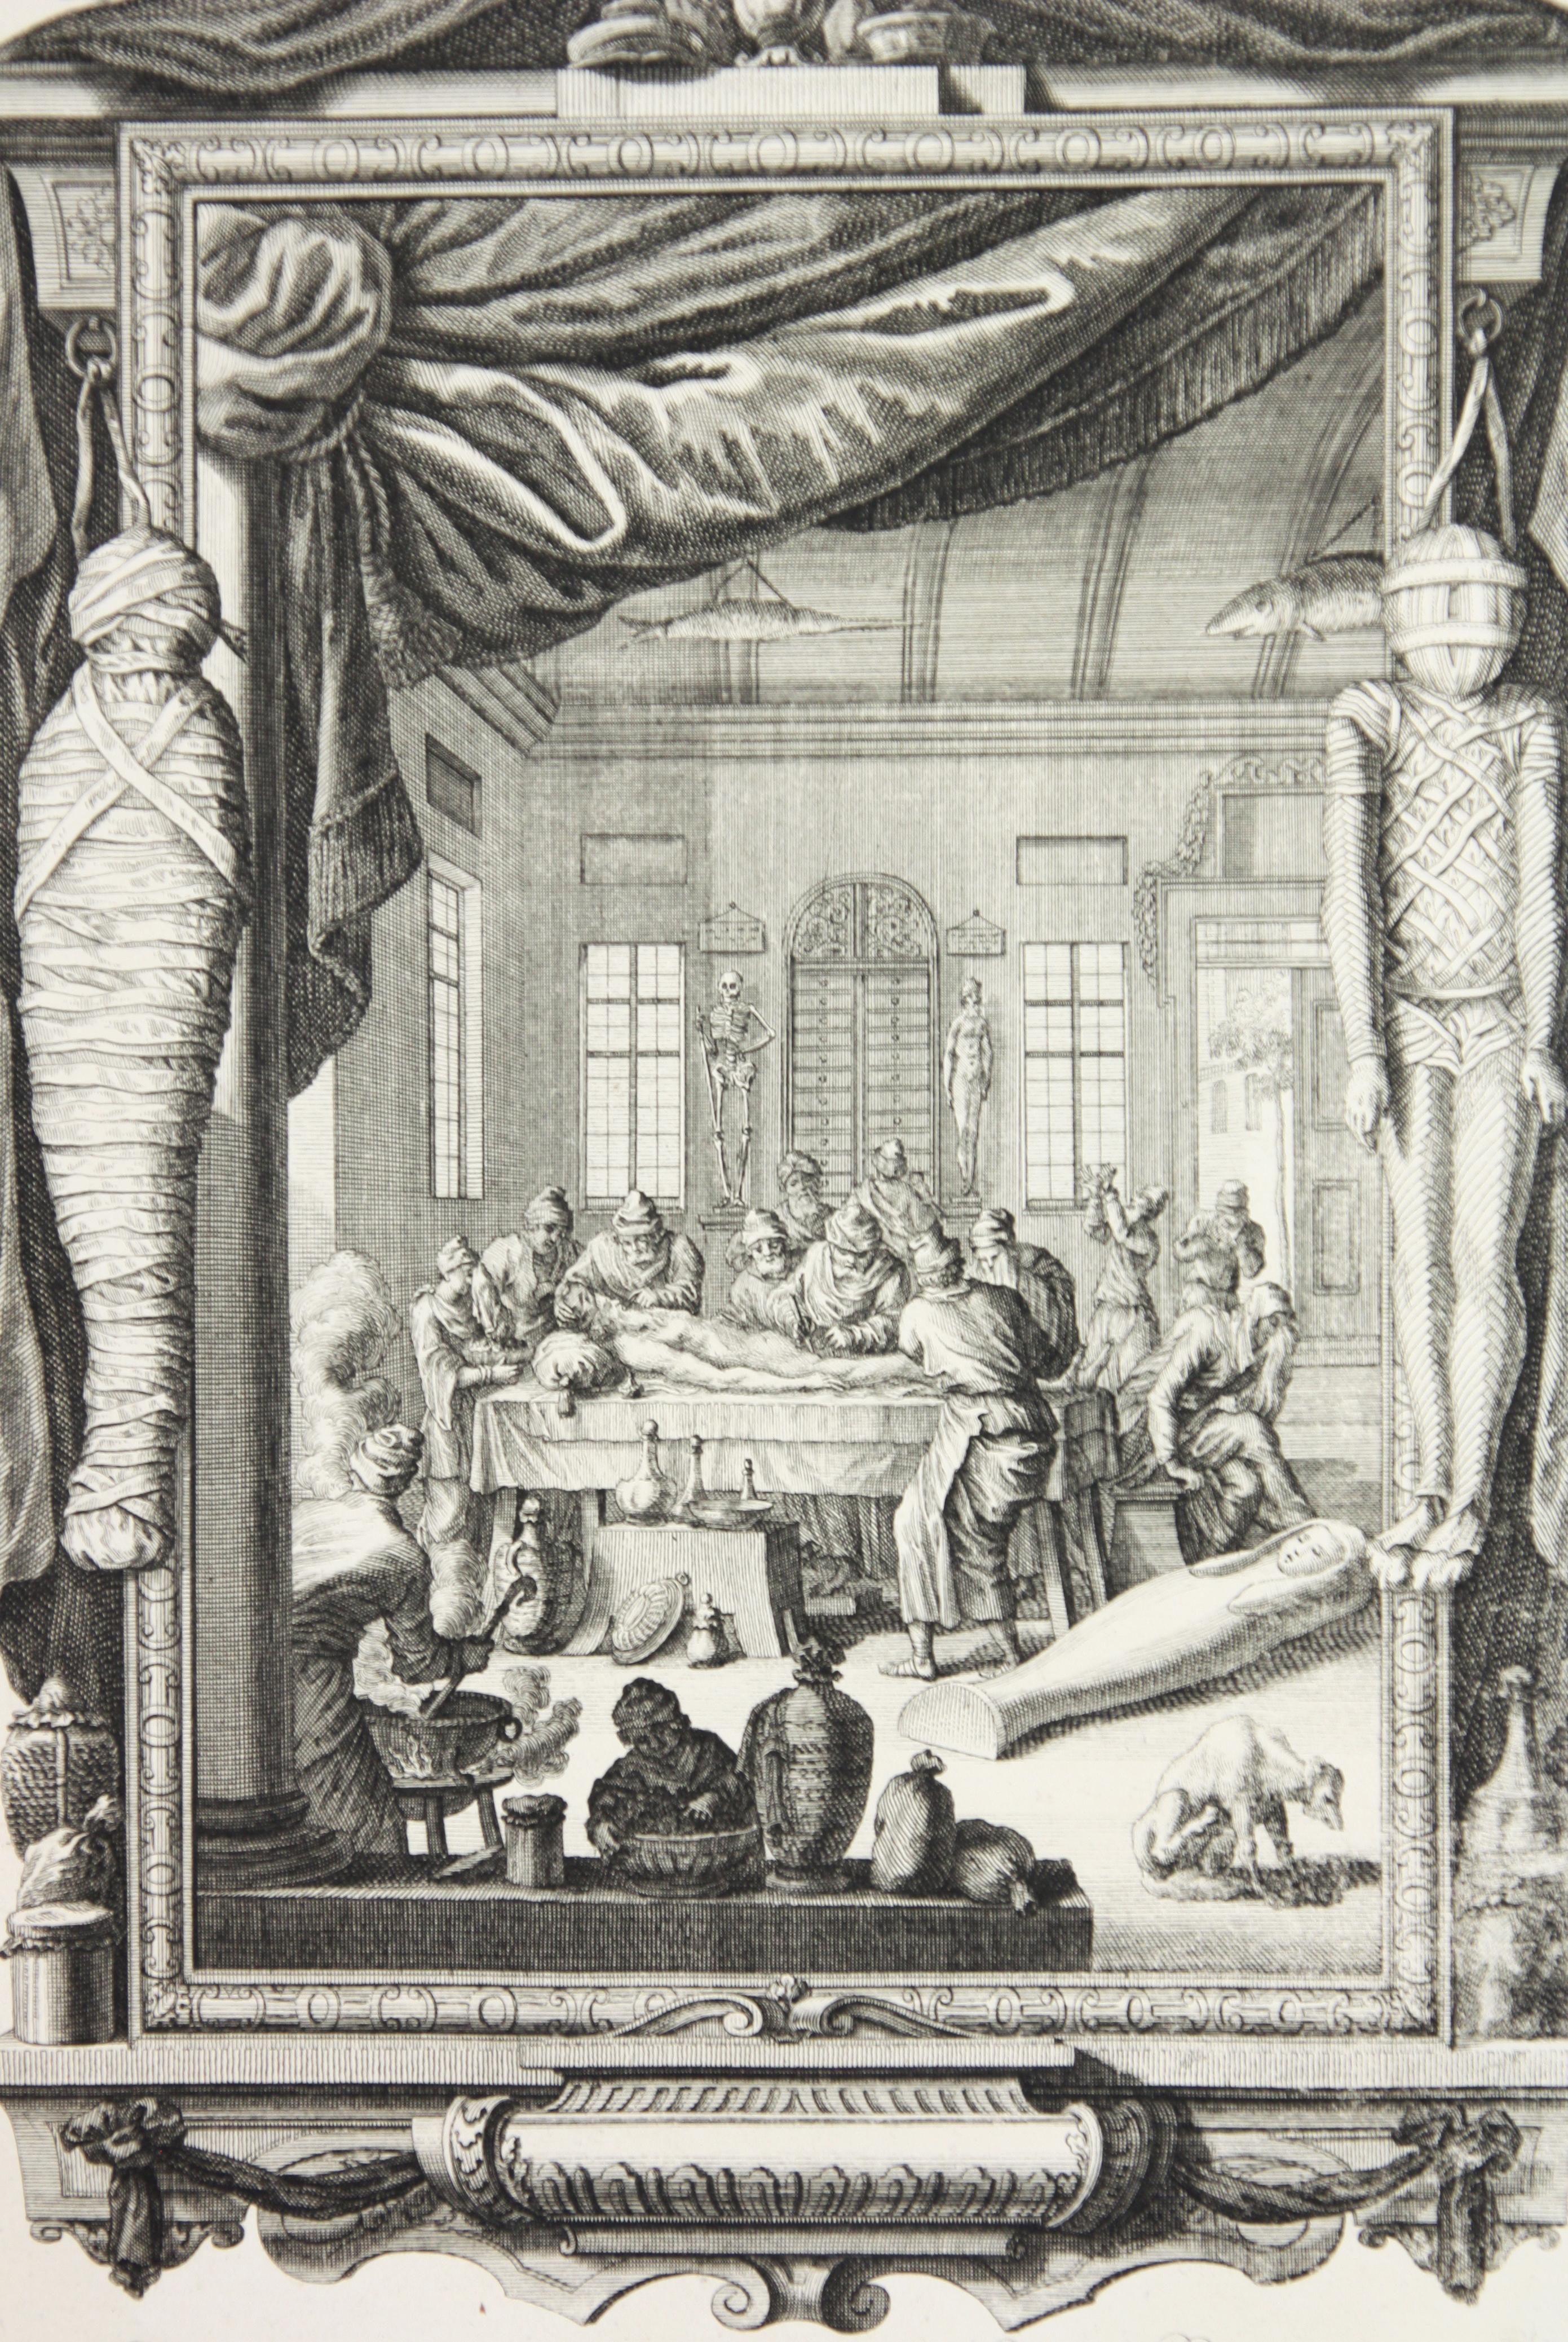 Copperplate Engraving of Biblical Scene in Genesis by: Georg Daniel Heumann